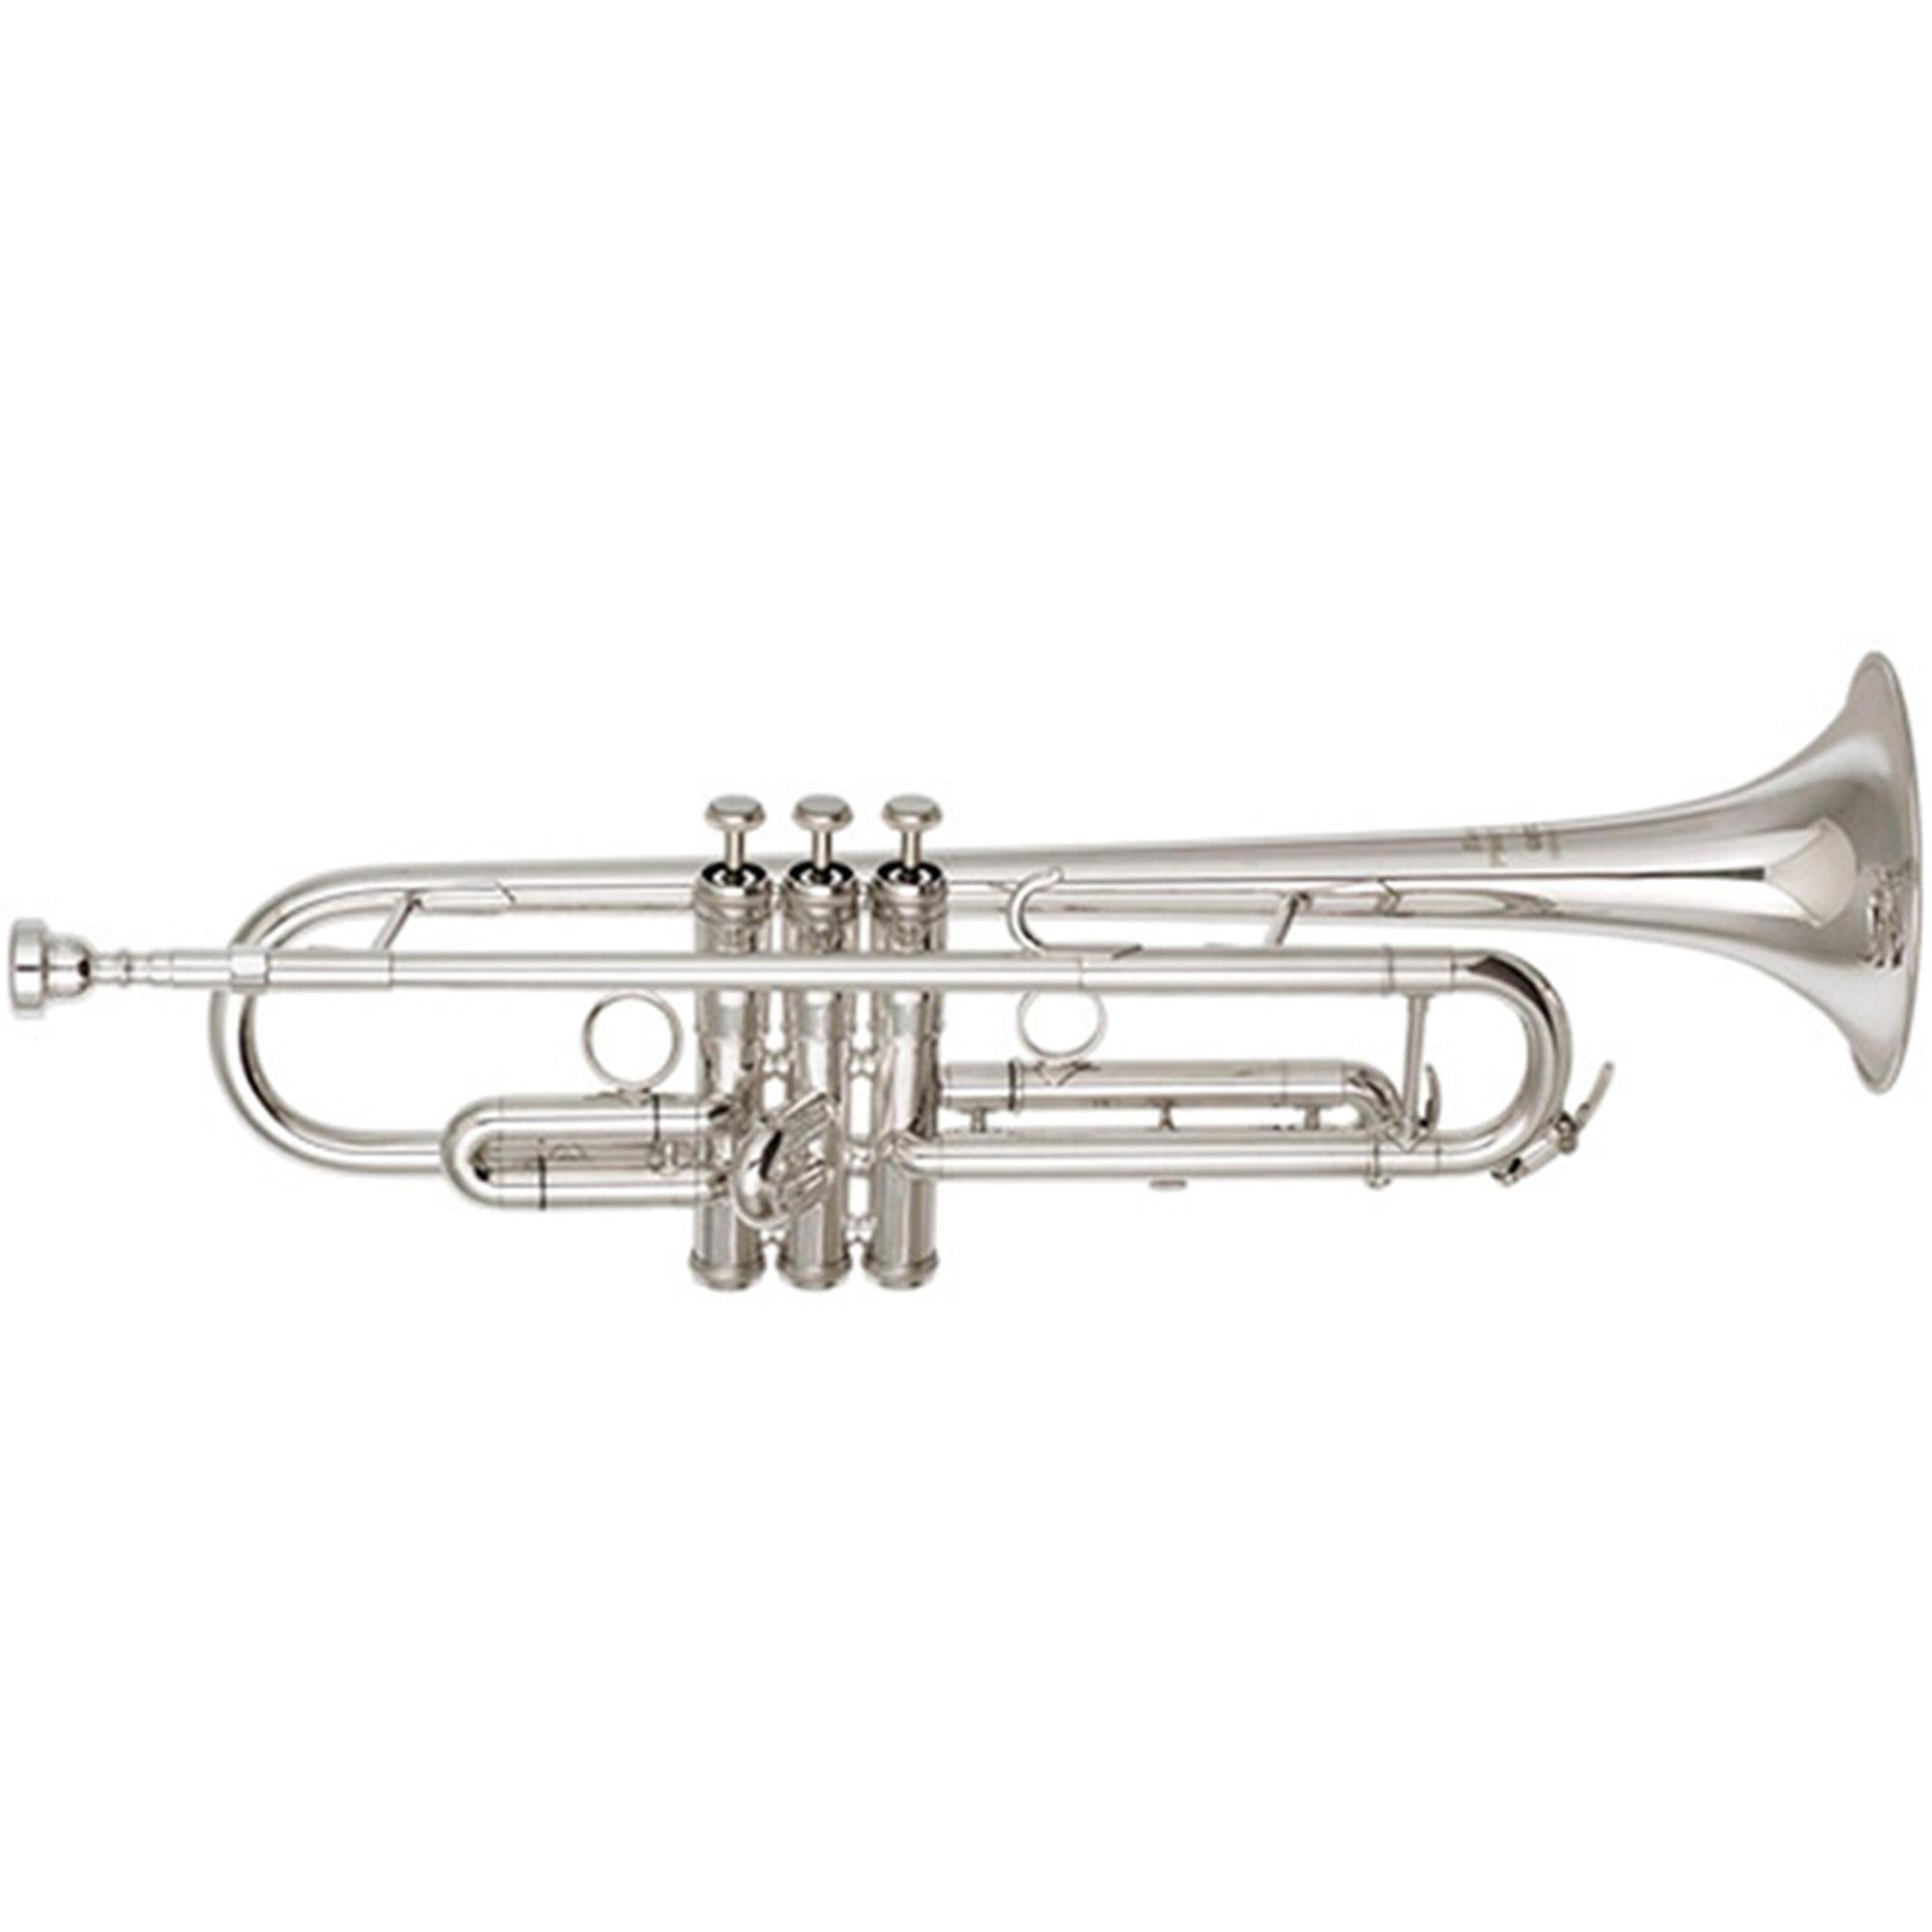 Getzen 907S Eterna Proteus Bb Trumpet, Silver by Getzen